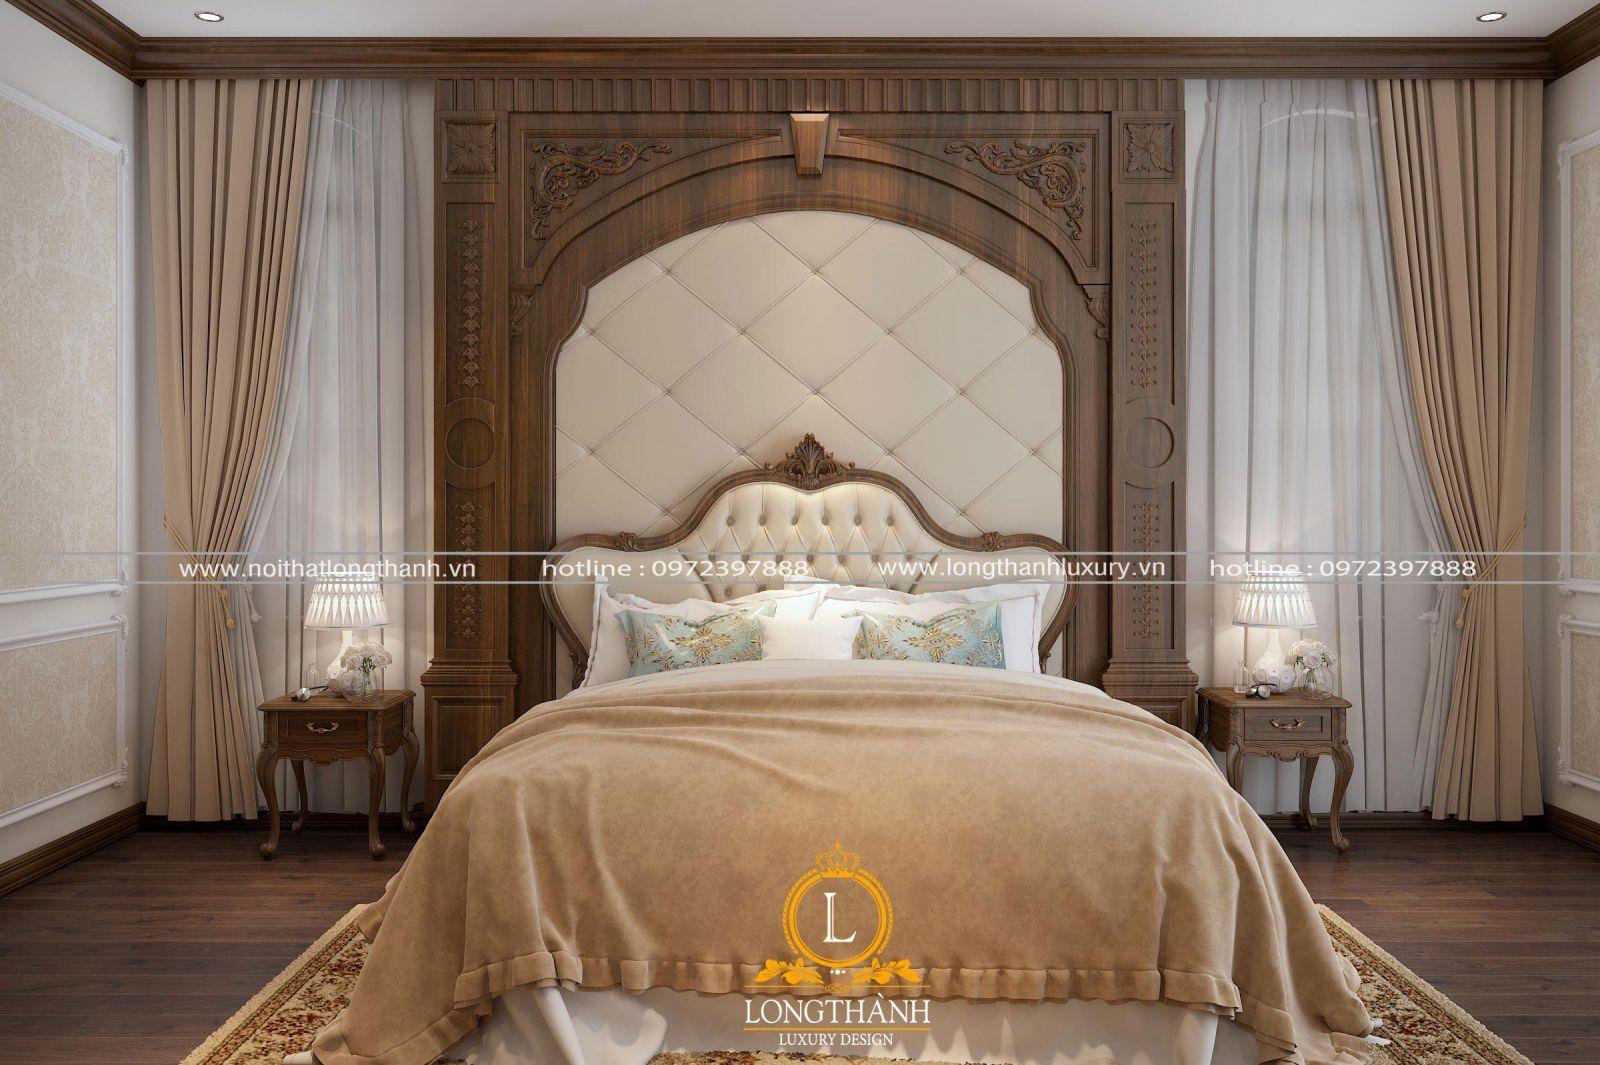 Thiết kế nội thất phòng ngủ tân cổ điển đơn giản mà sang trọng